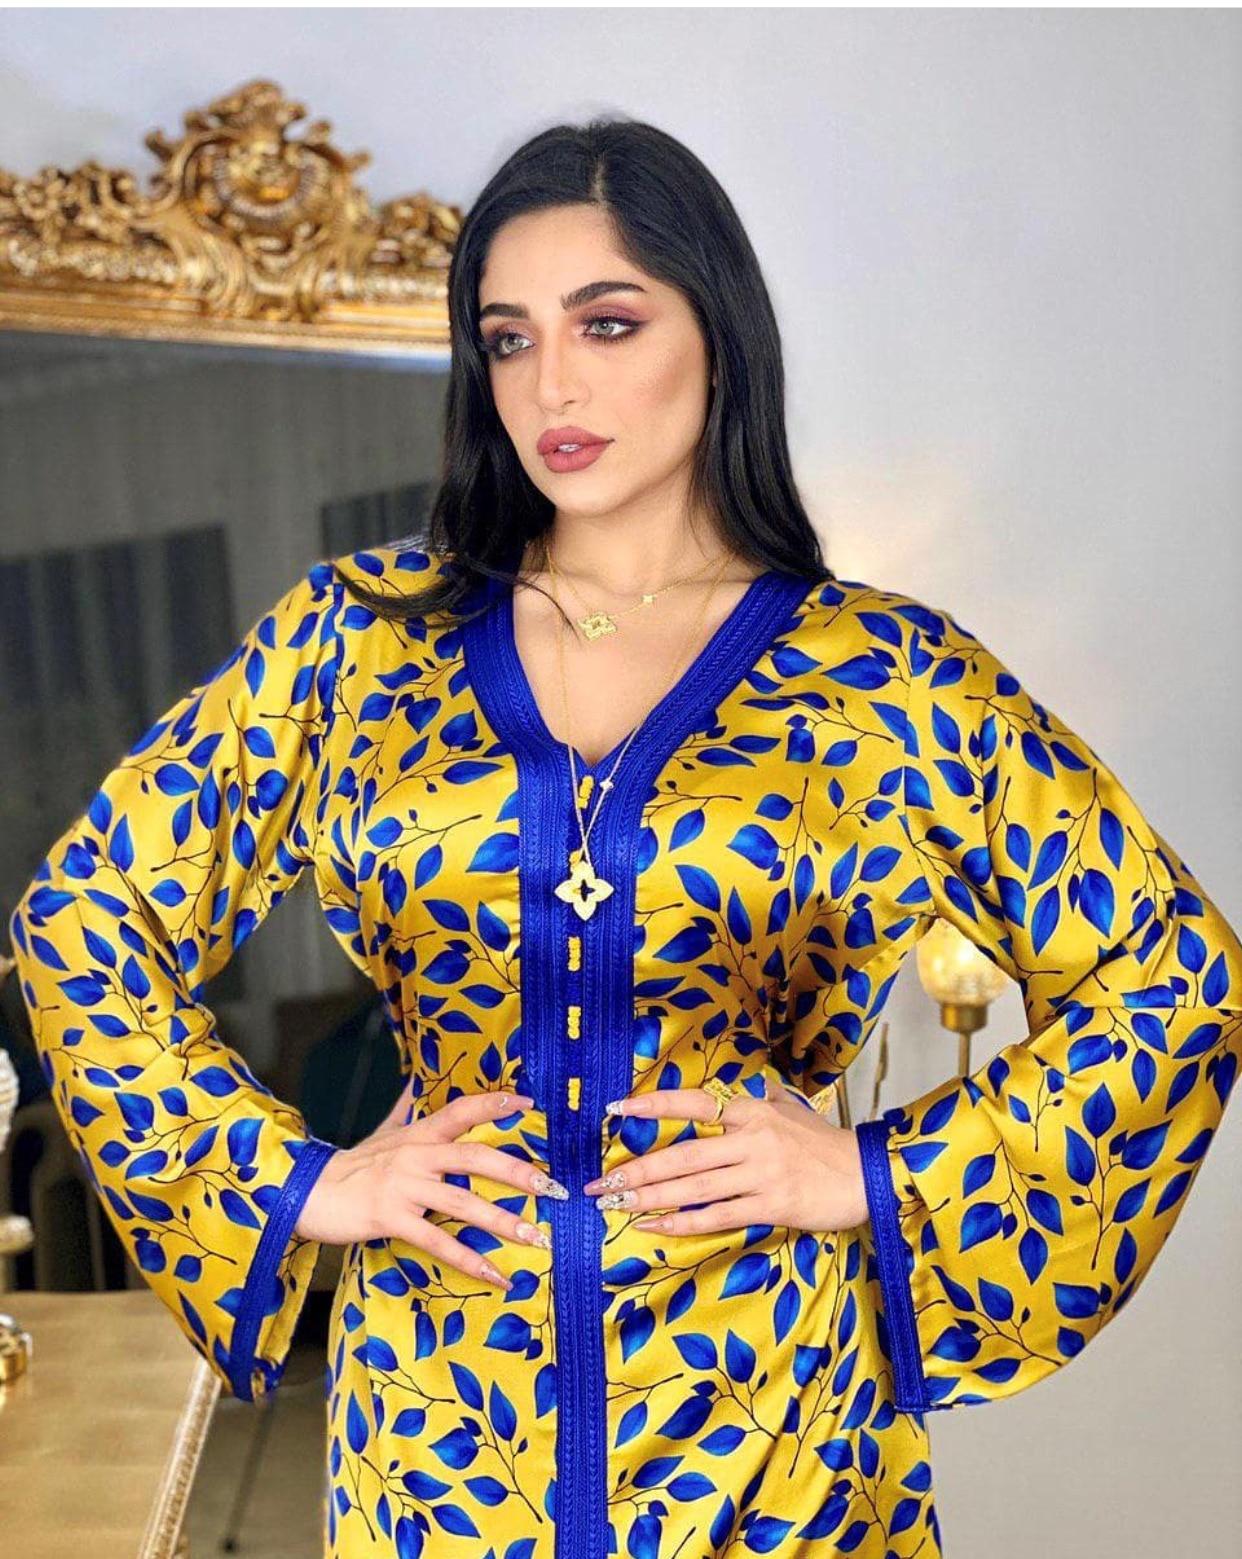 رمضان عيد مبارك الحجاب فستان للنساء متواضعة مسلم جلابية دبي عباية تركيا العربية المغربية قفطان الملابس الإسلامية 2021